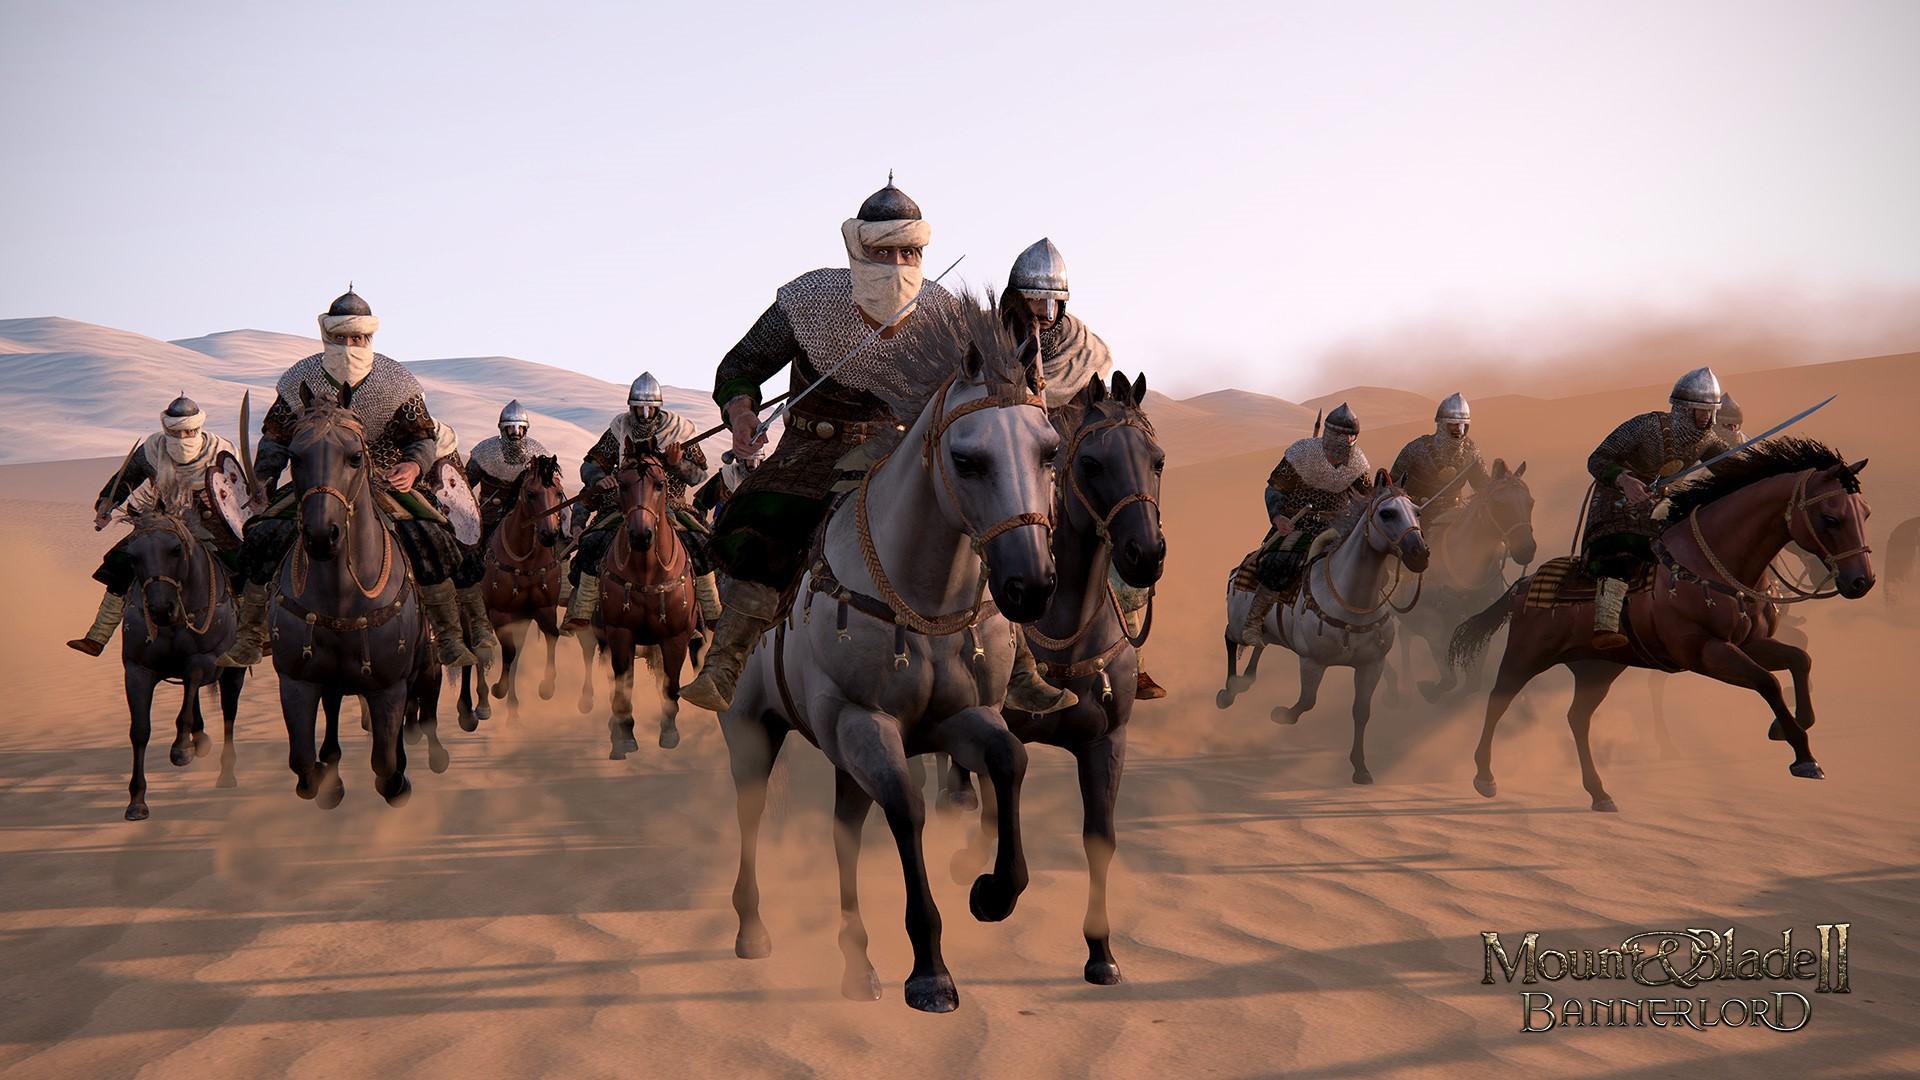 Mount & Blade II Bannerlord Aserai